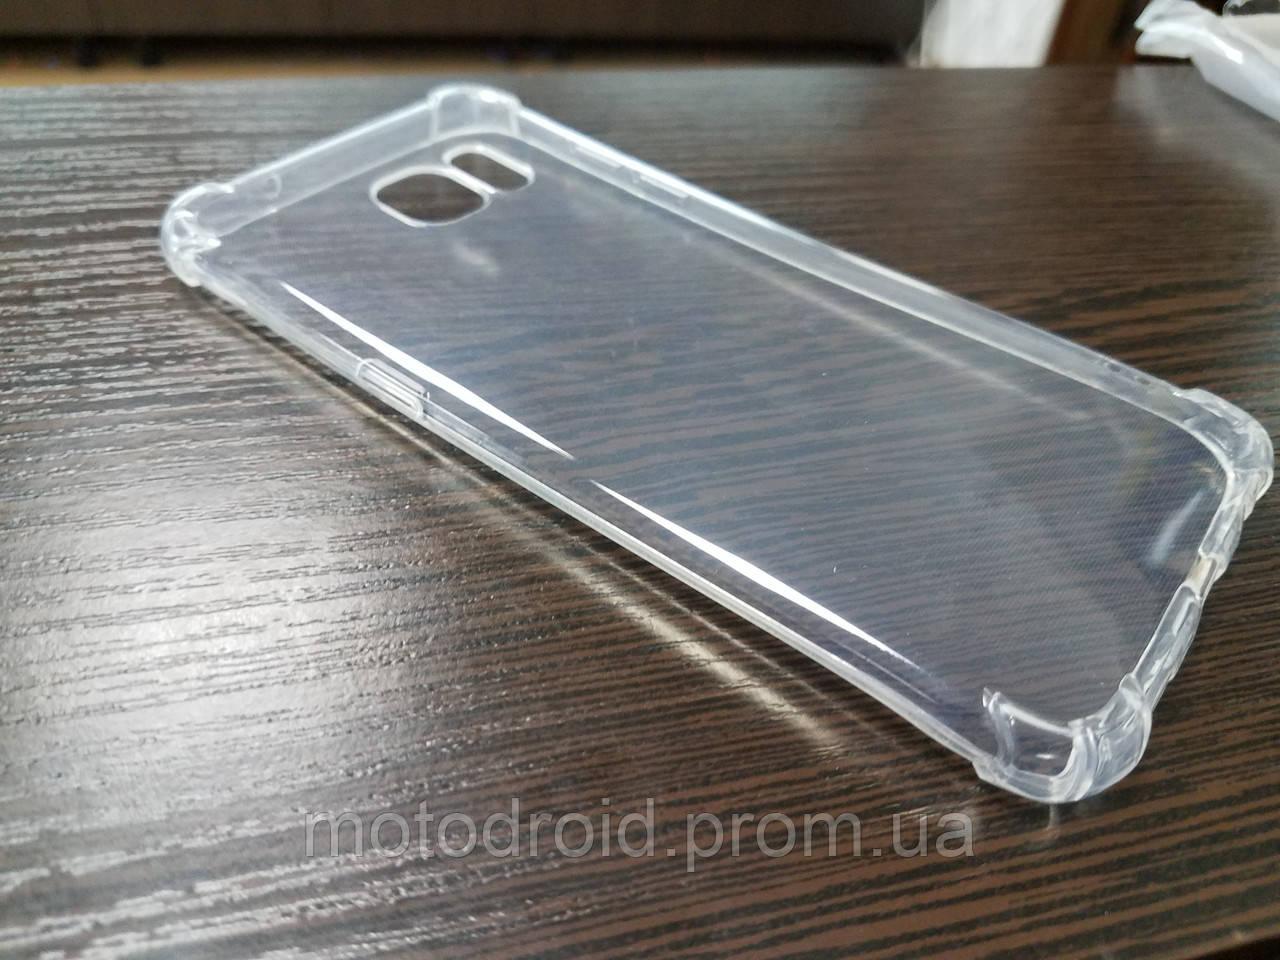 Чохол для Samsung Galaxy S7 Edge прозорий силікон